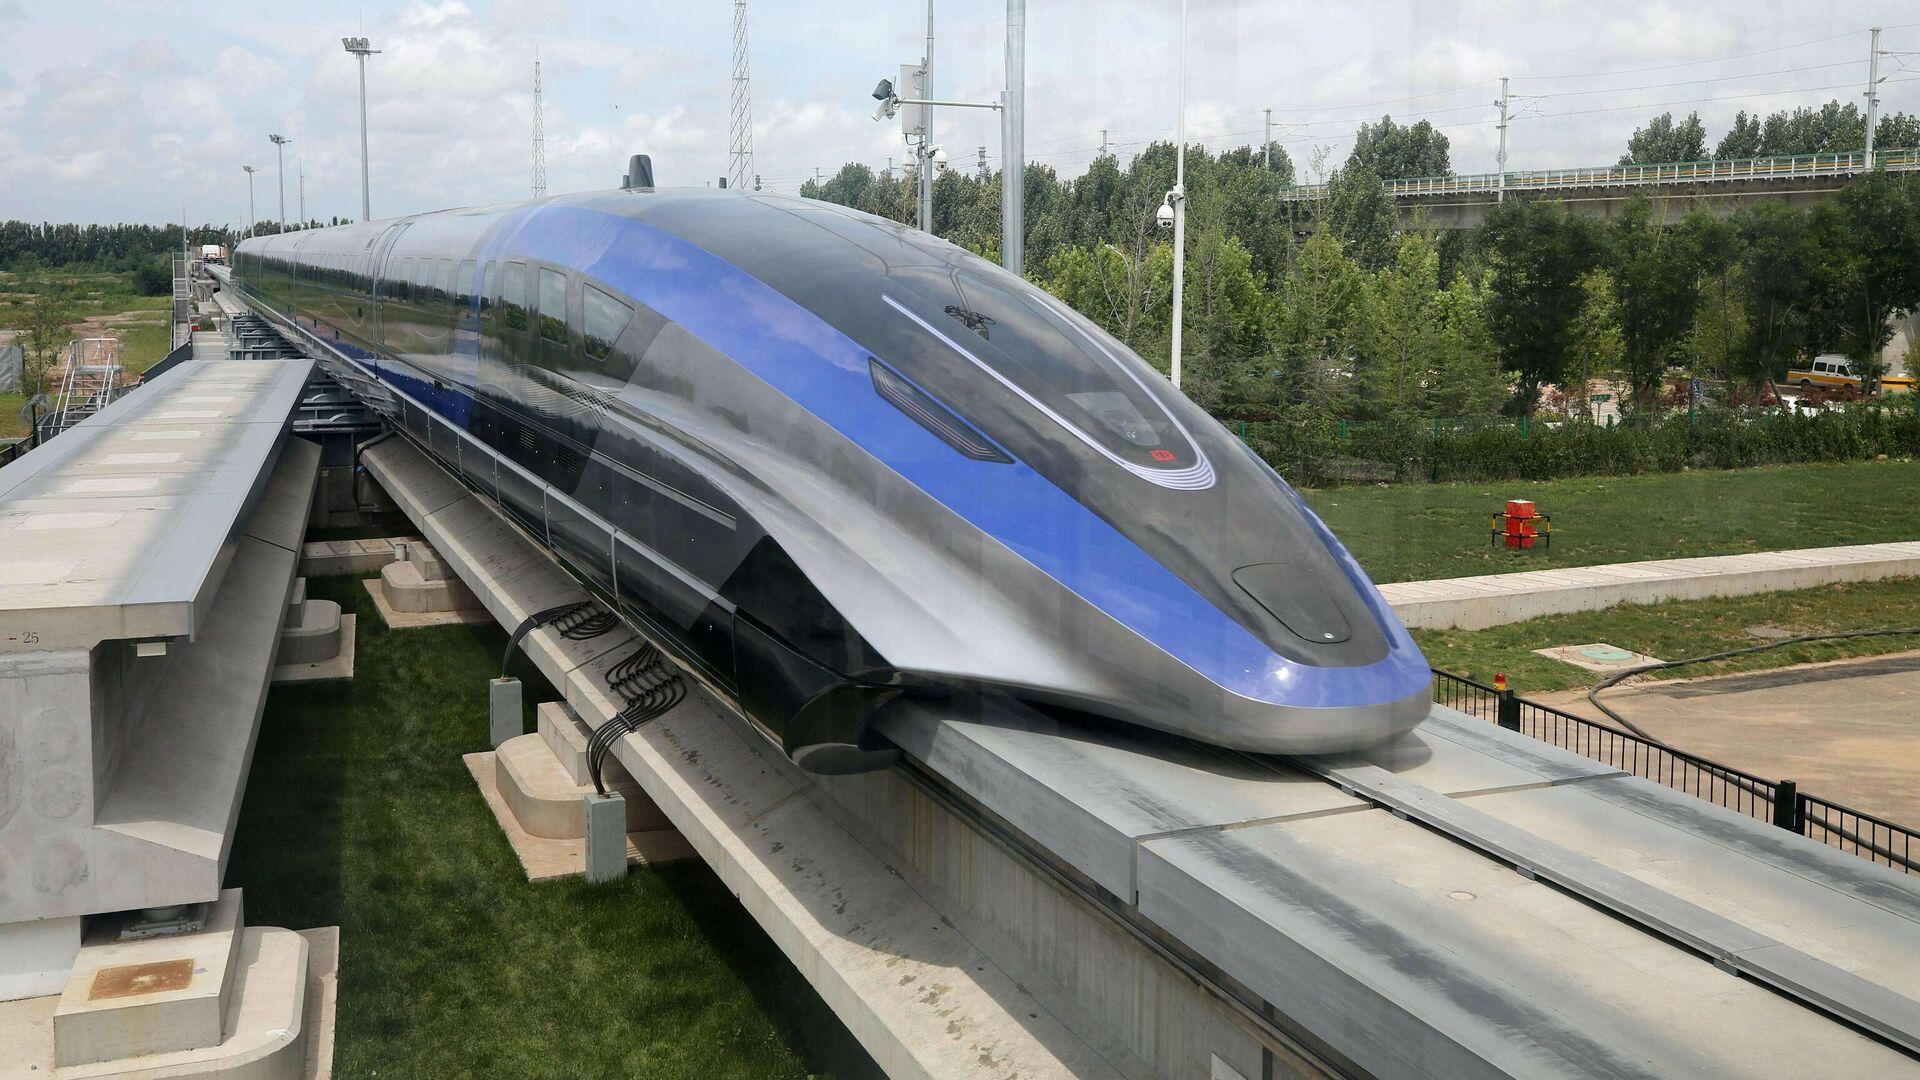 Кинески нови брзи воз достиже брзину од 600 километара на сат - Sputnik Србија, 1920, 20.07.2021